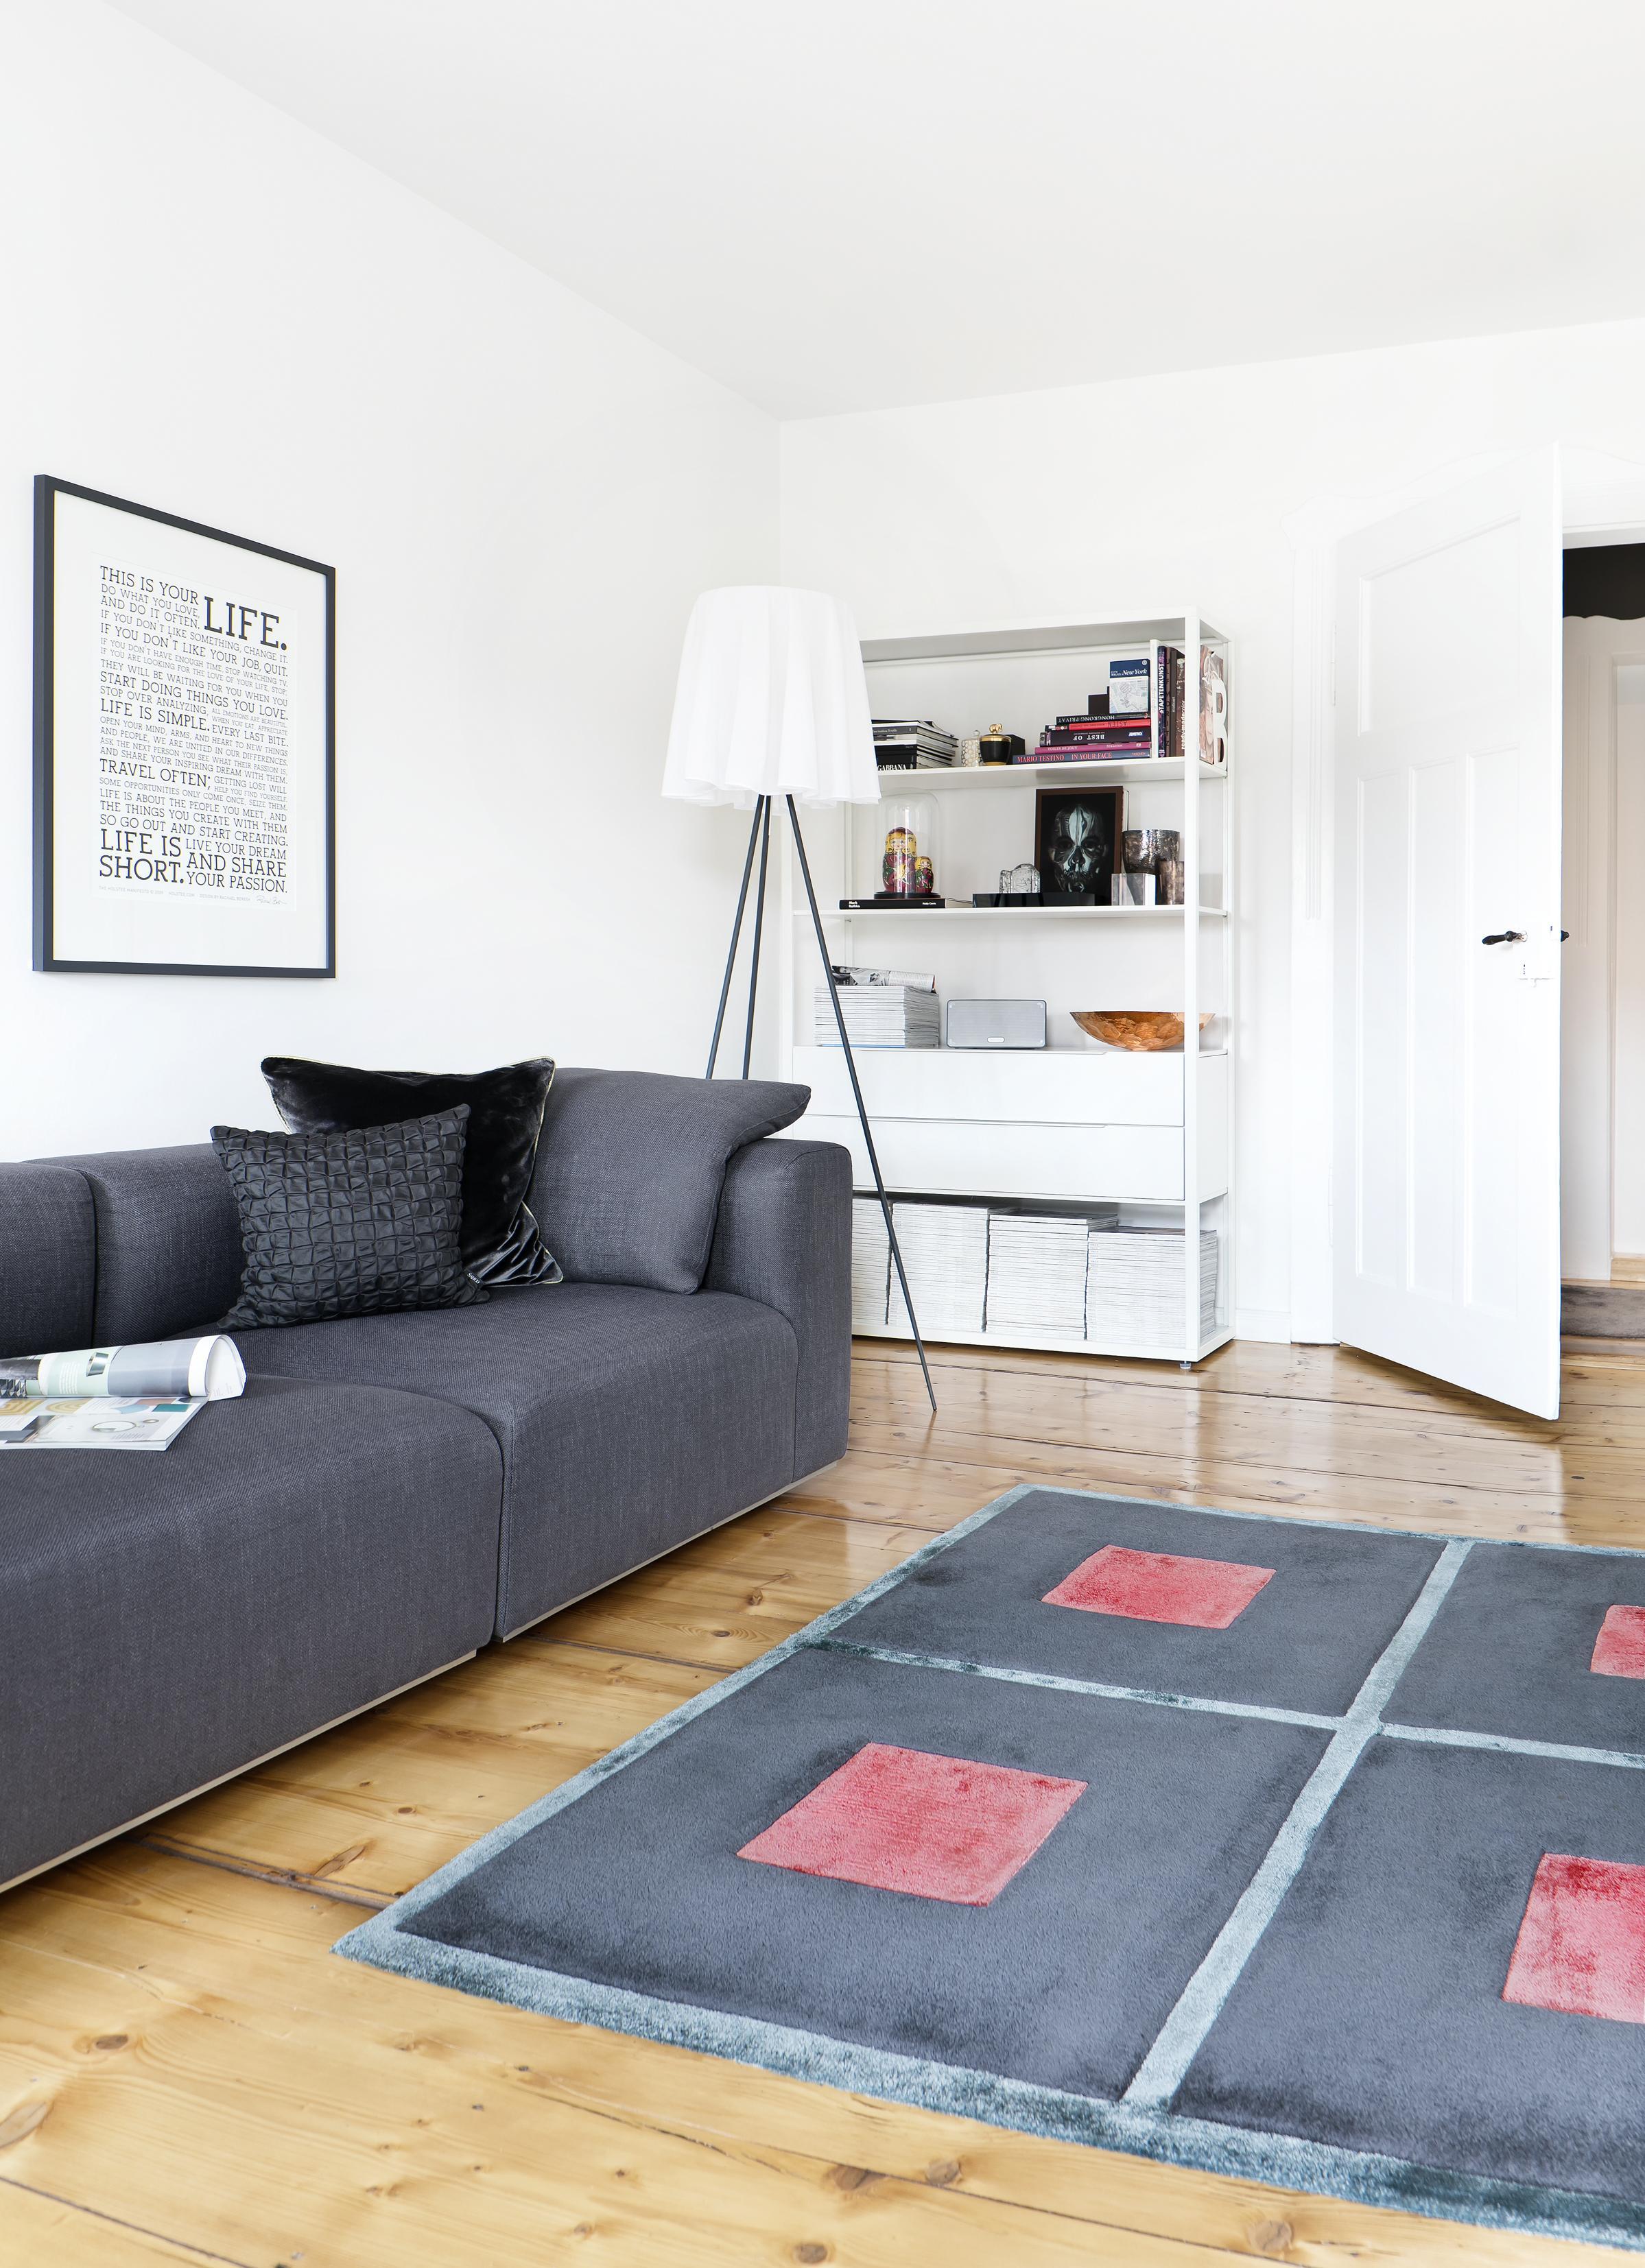 Wohnzimmer Regal Teppich Altbau Kissen Sofa CFotografie